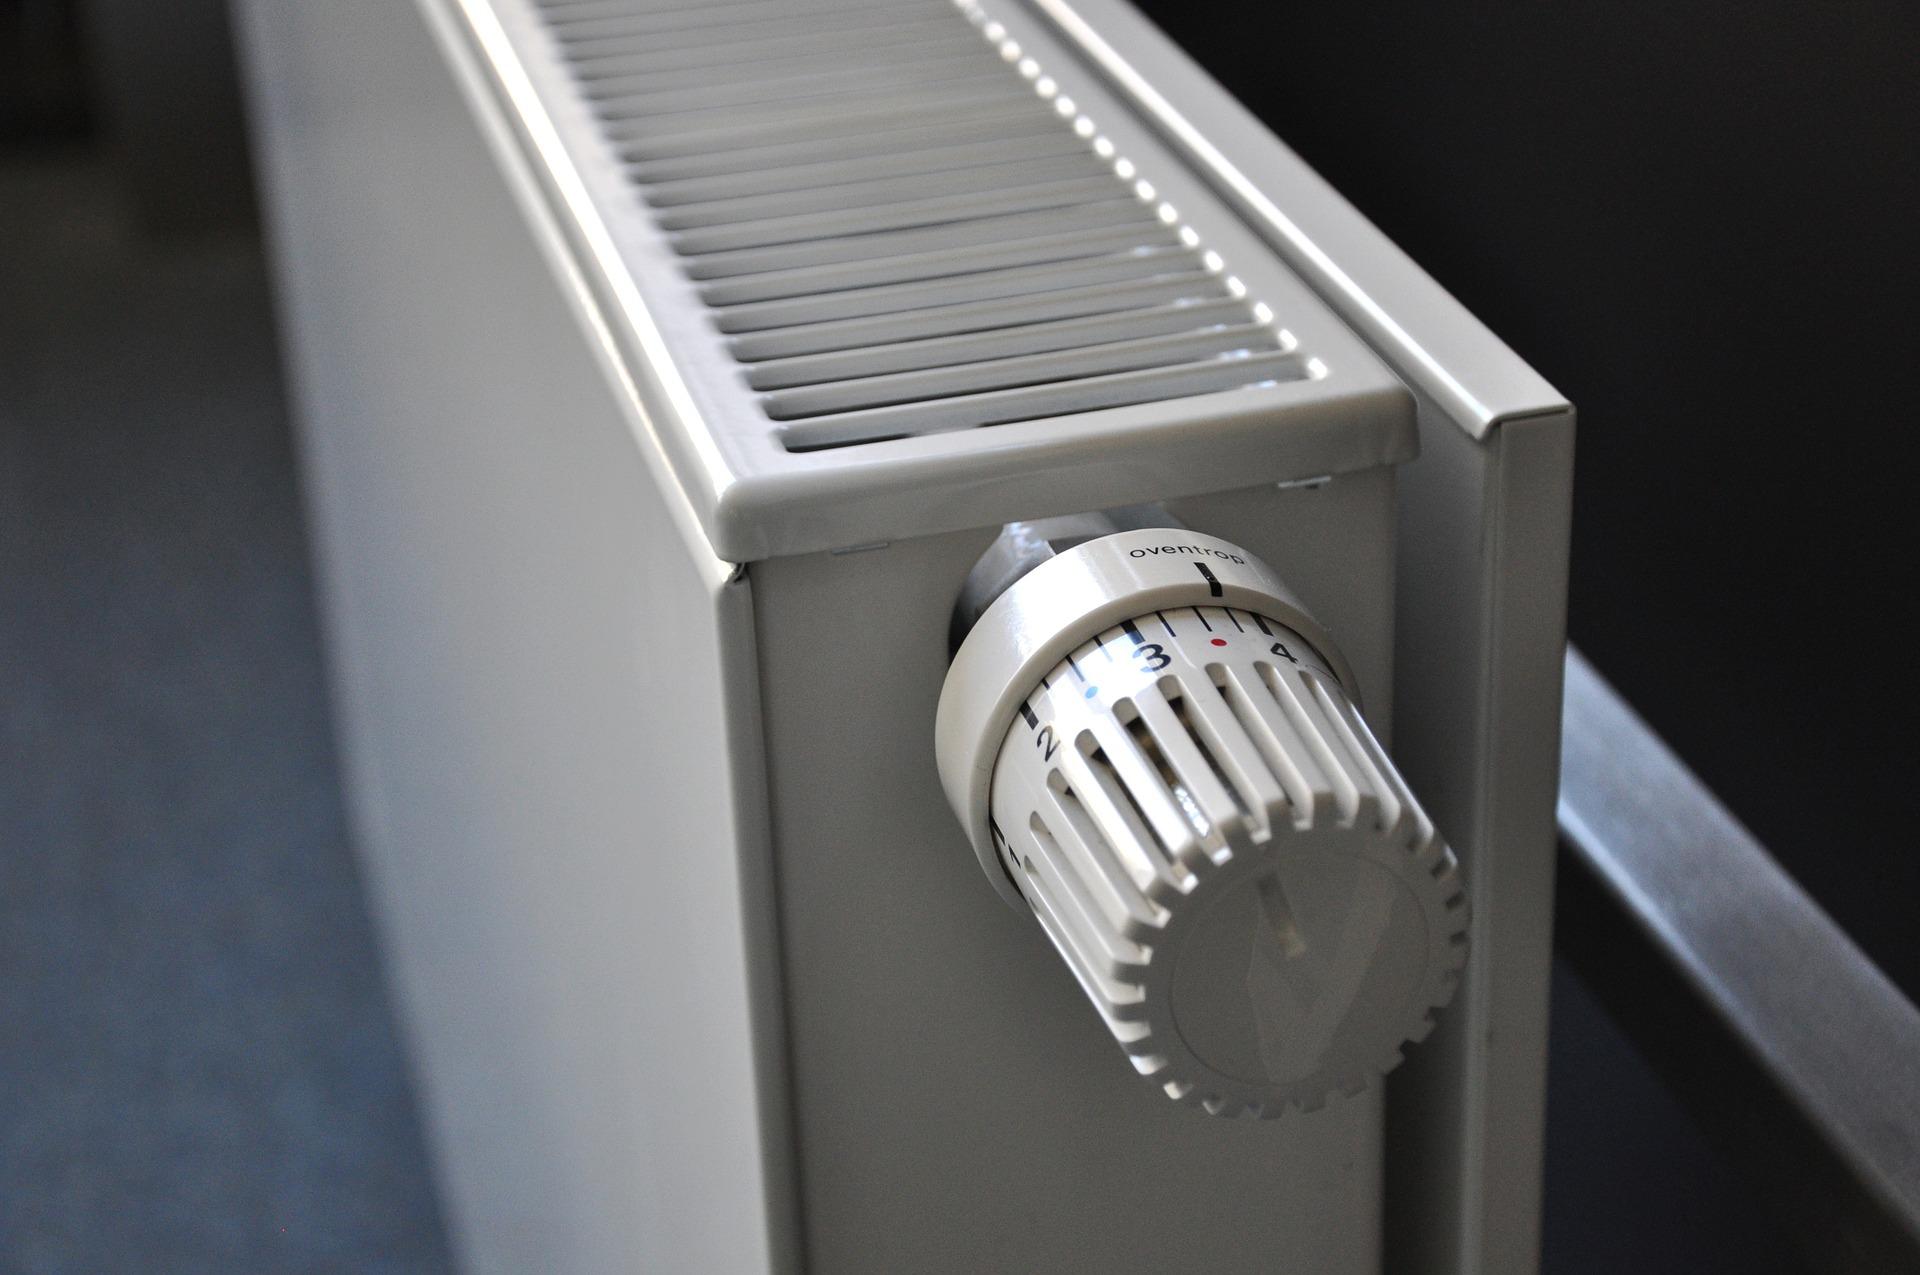 Riscaldamento, il Comune di Bologna consente l'accensione facoltativa degli impianti fino al 27 aprile compreso